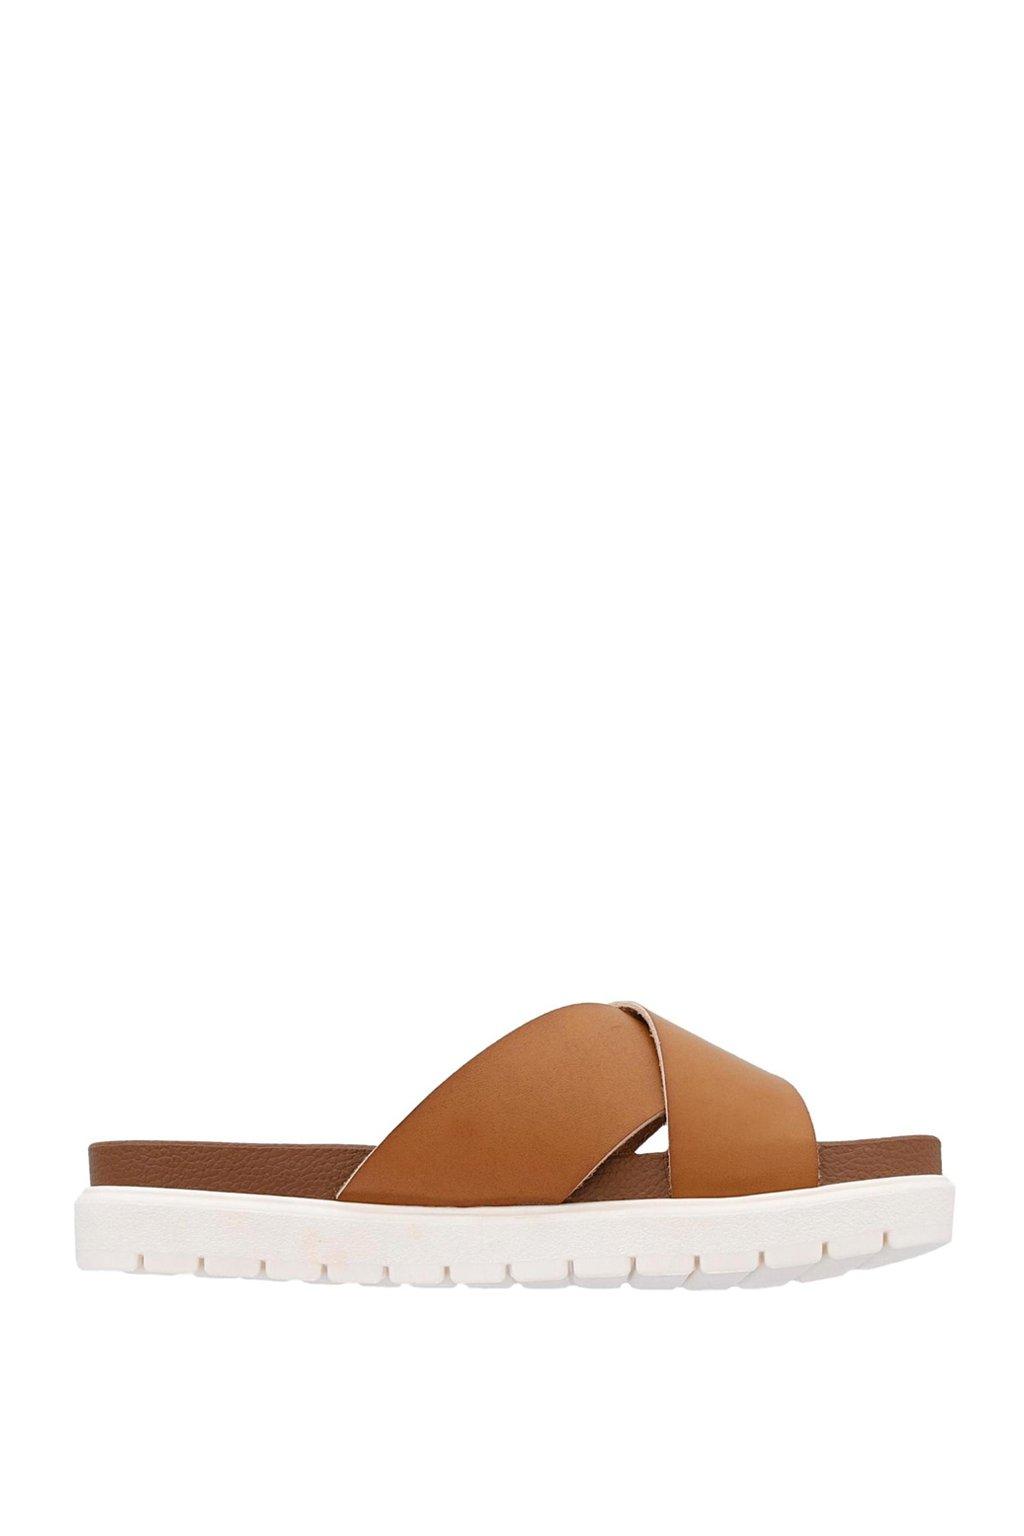 Hnědé pantofle s bílou podrážkou MTNG